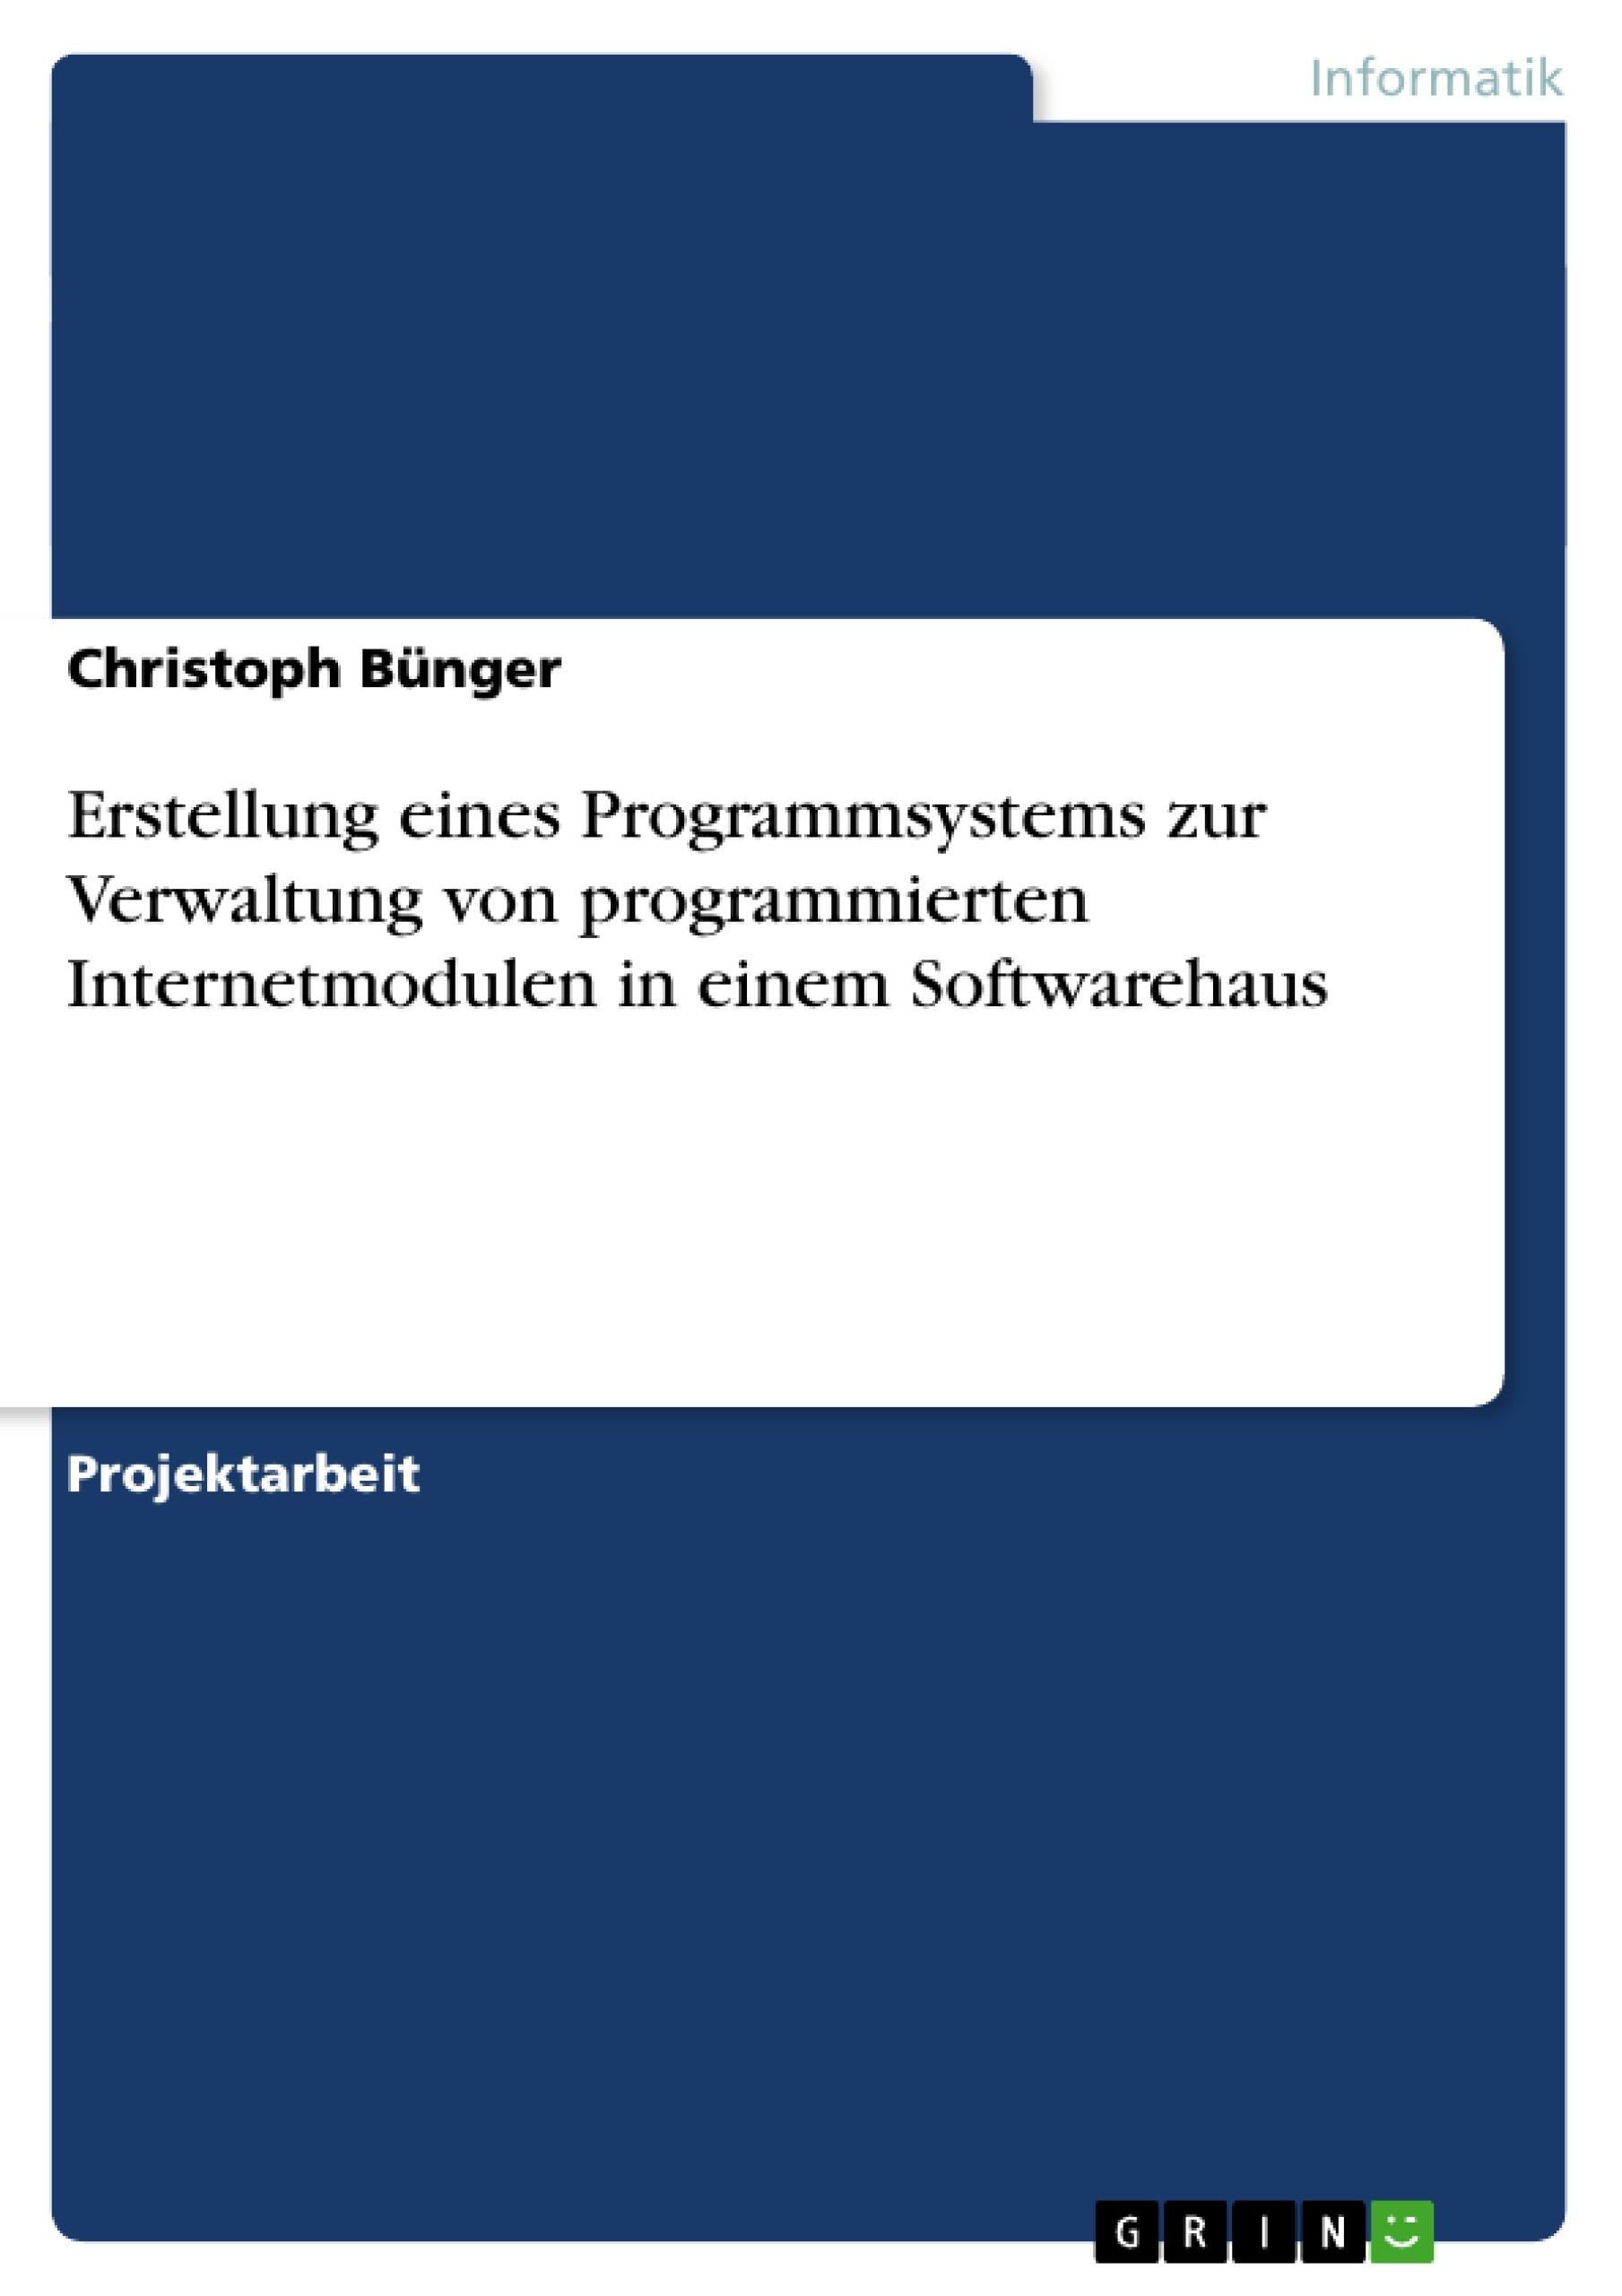 Titel: Erstellung eines Programmsystems zur Verwaltung von programmierten Internetmodulen in einem Softwarehaus